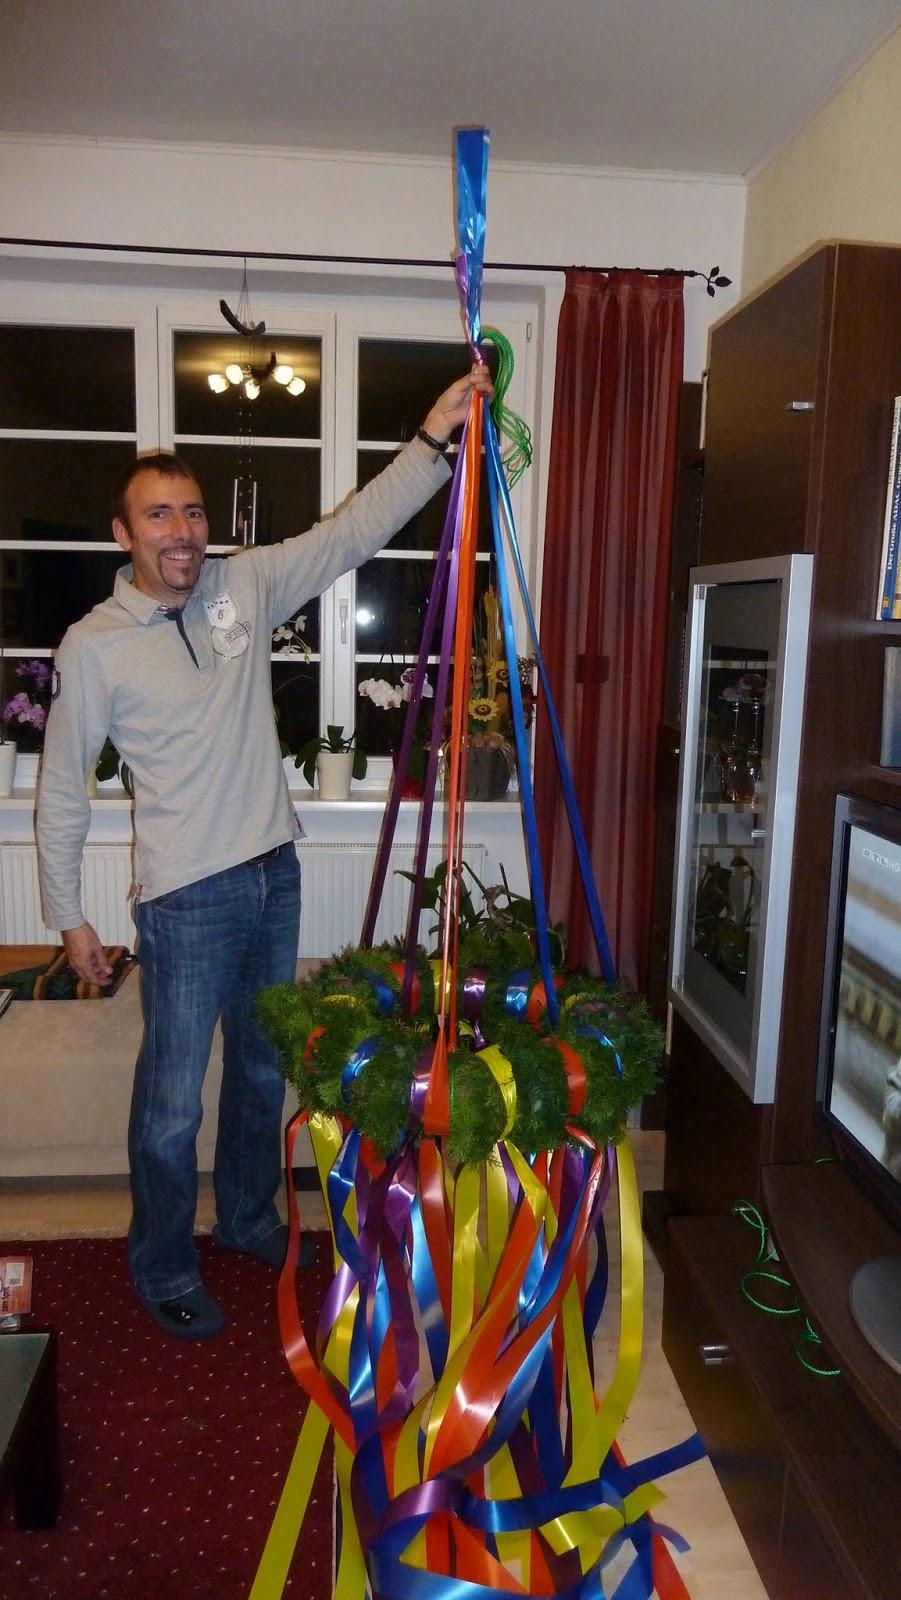 Hausbau von christian und jeannette mit der firma deko hausbau gmbh tag 40 richtfest - Richtfest deko ...